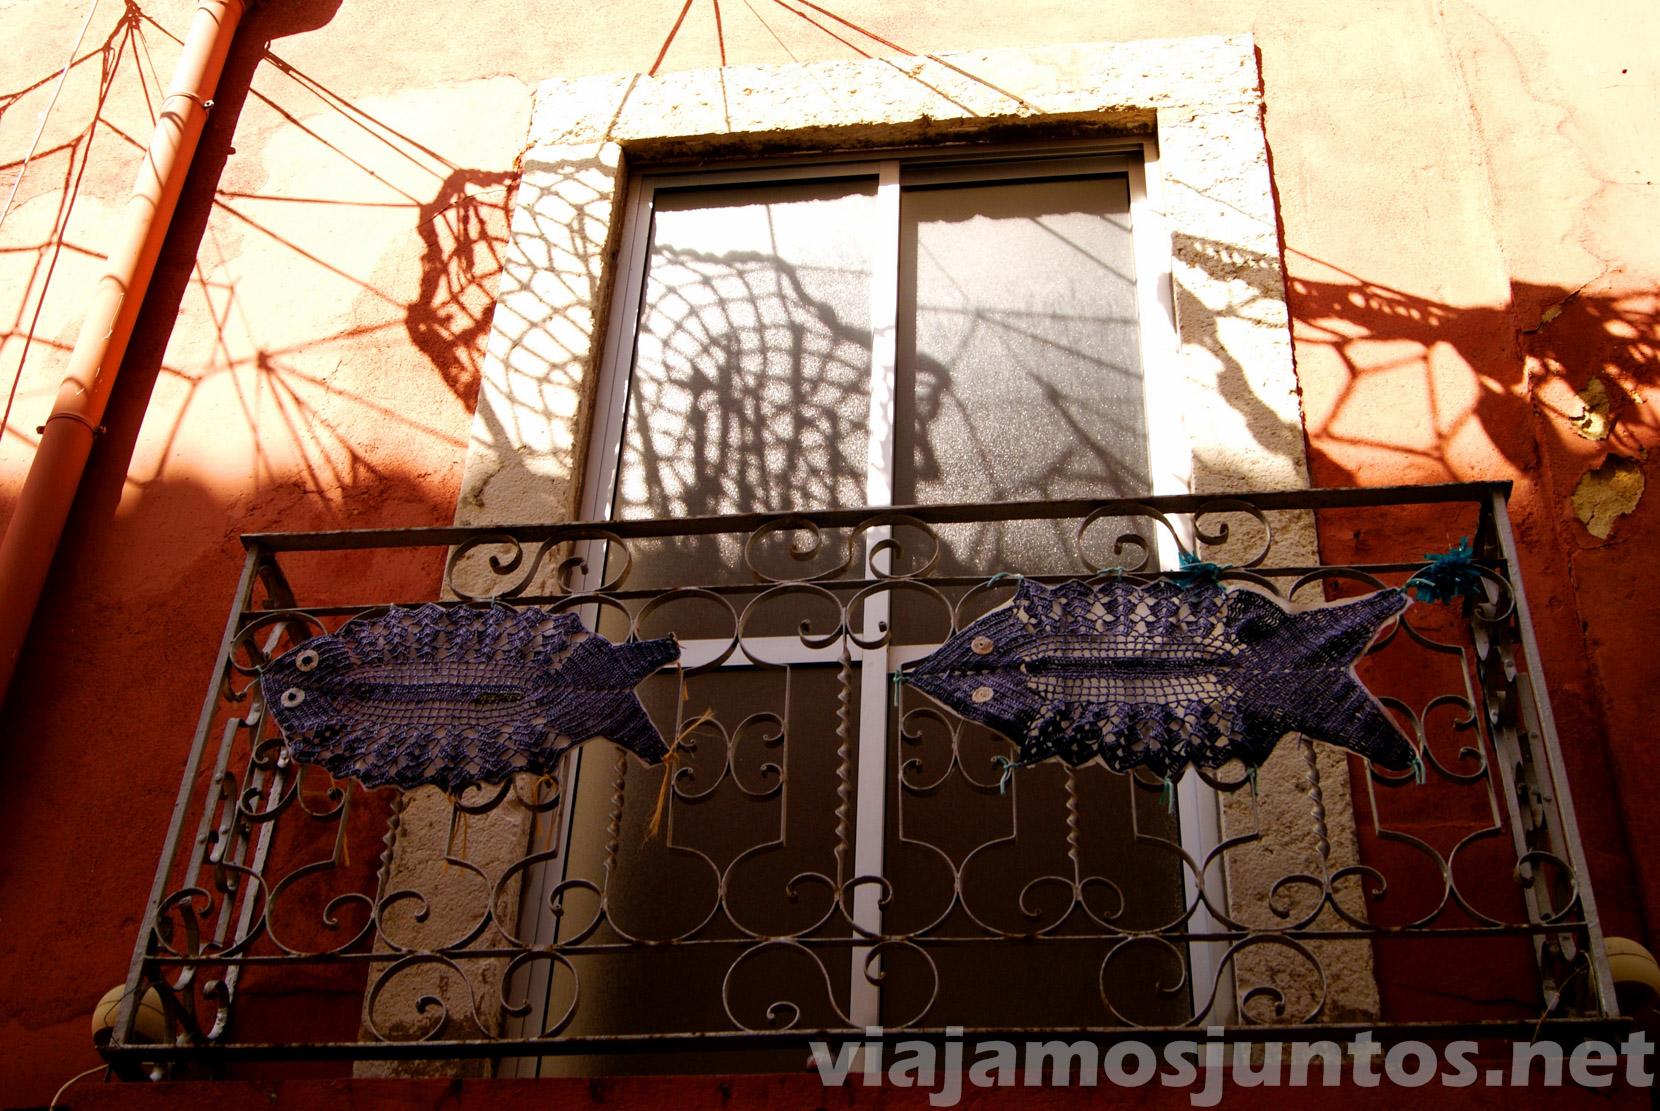 Las calles decoradas con redes pesqueras. Detalle Setubal, Portugal.